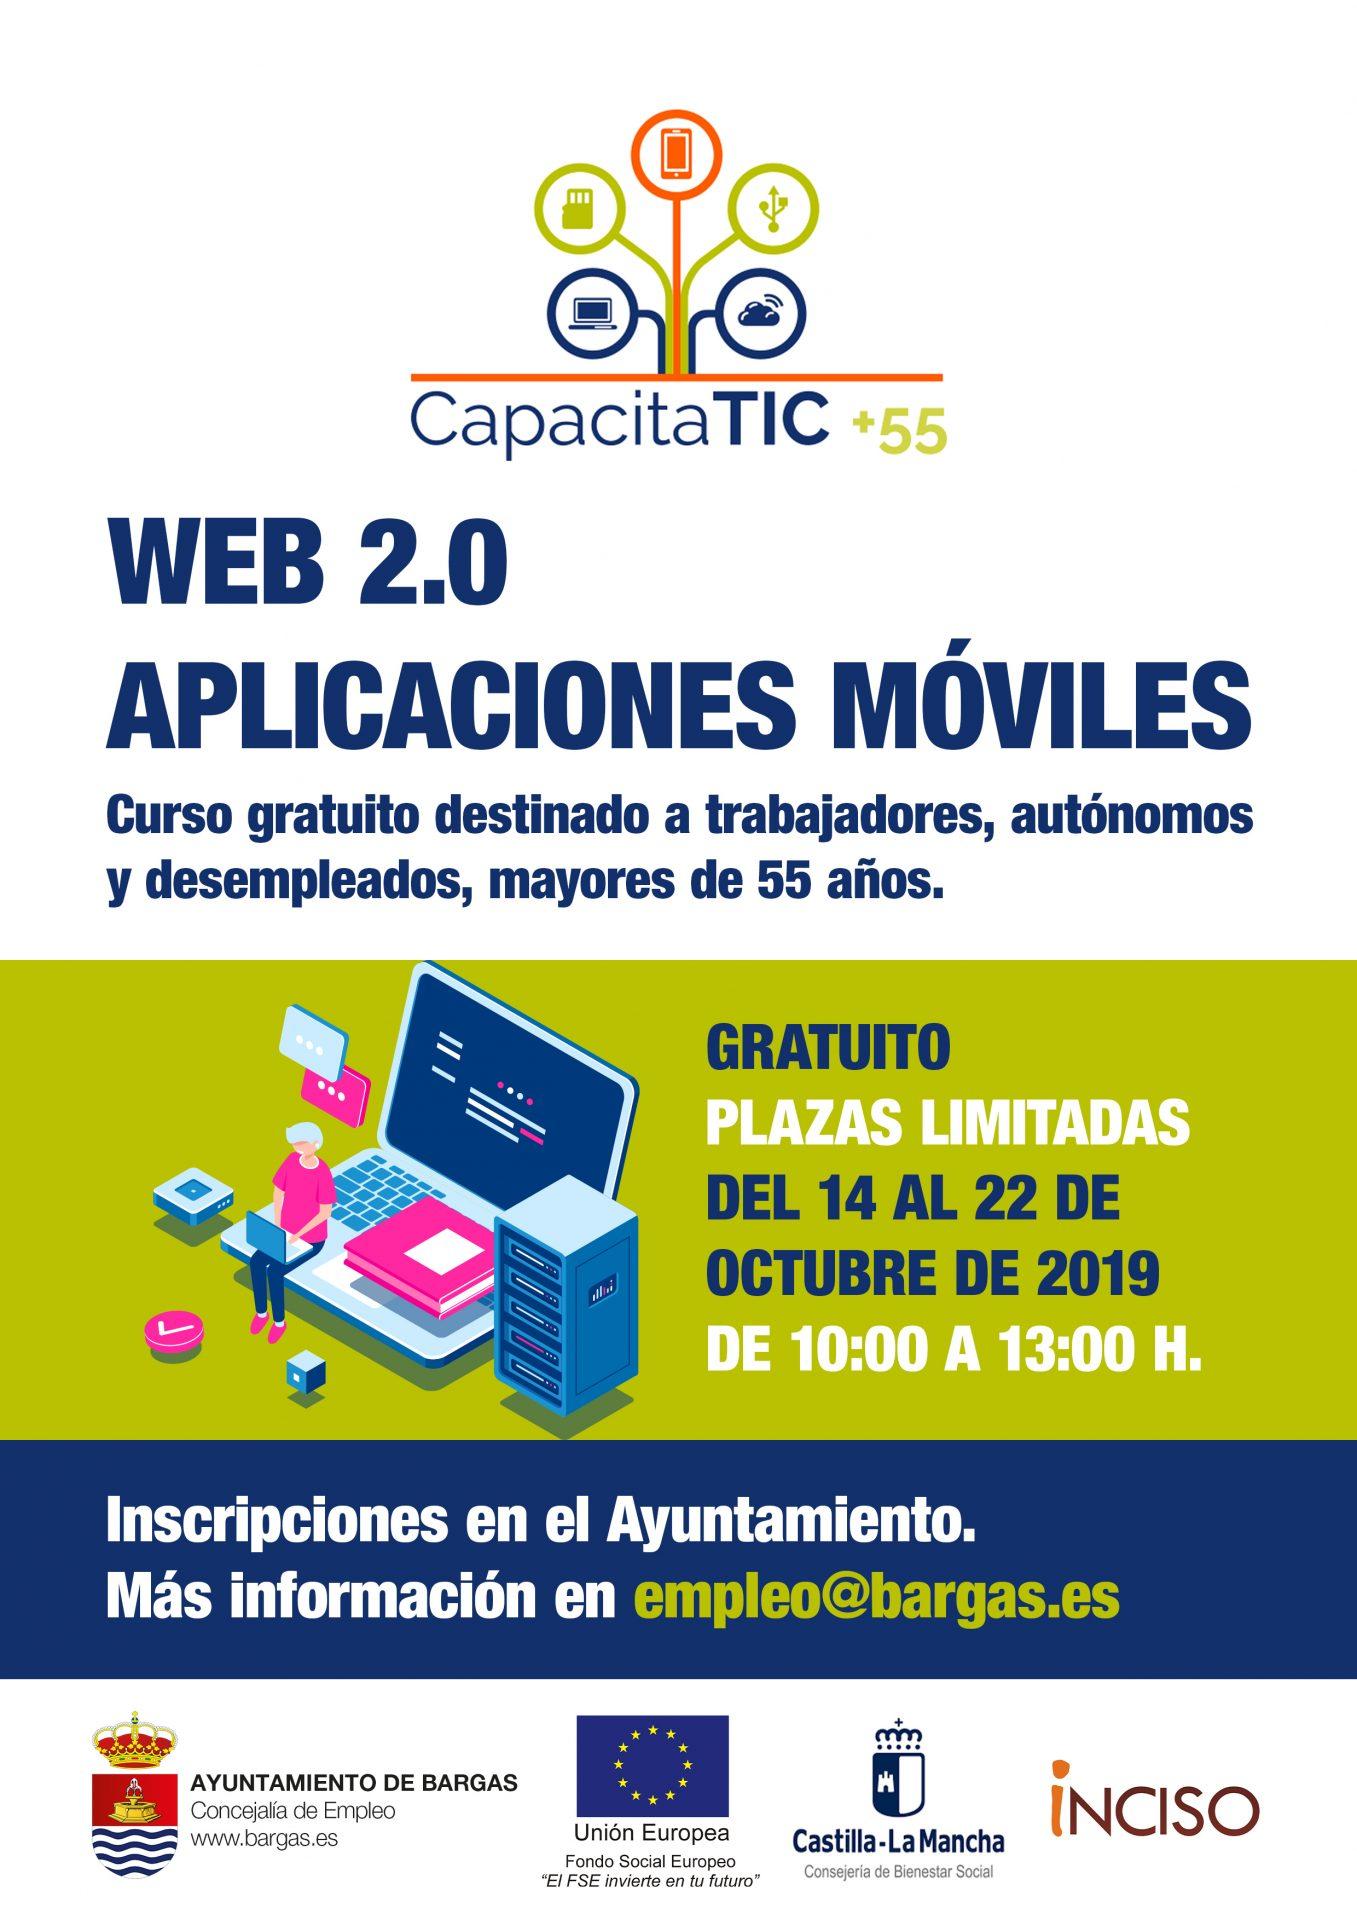 Curso gratuito para mayores de 55 años: Web 2.0-Aplicaciones Móviles